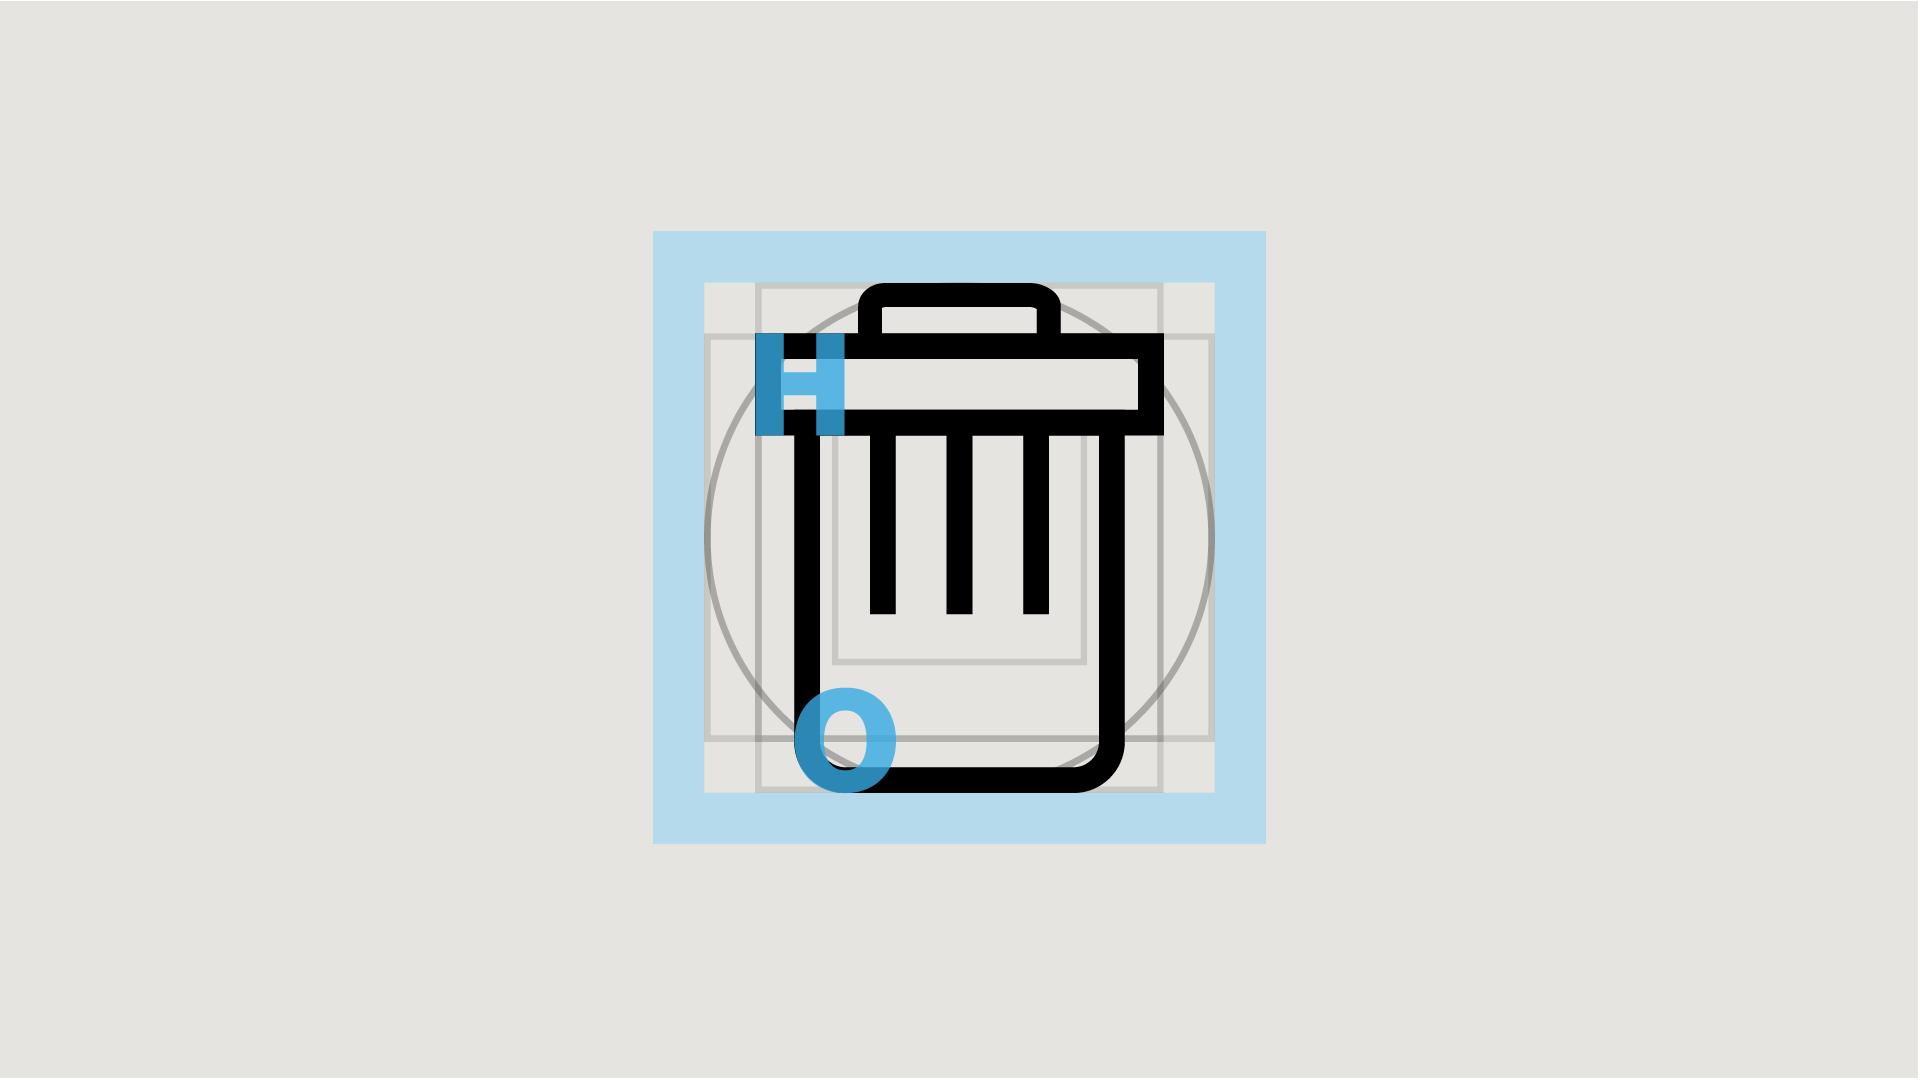 Formale Vorgaben für das Icon Design ergeben sich aus dem Corporate Design Richtlinen der Marke.